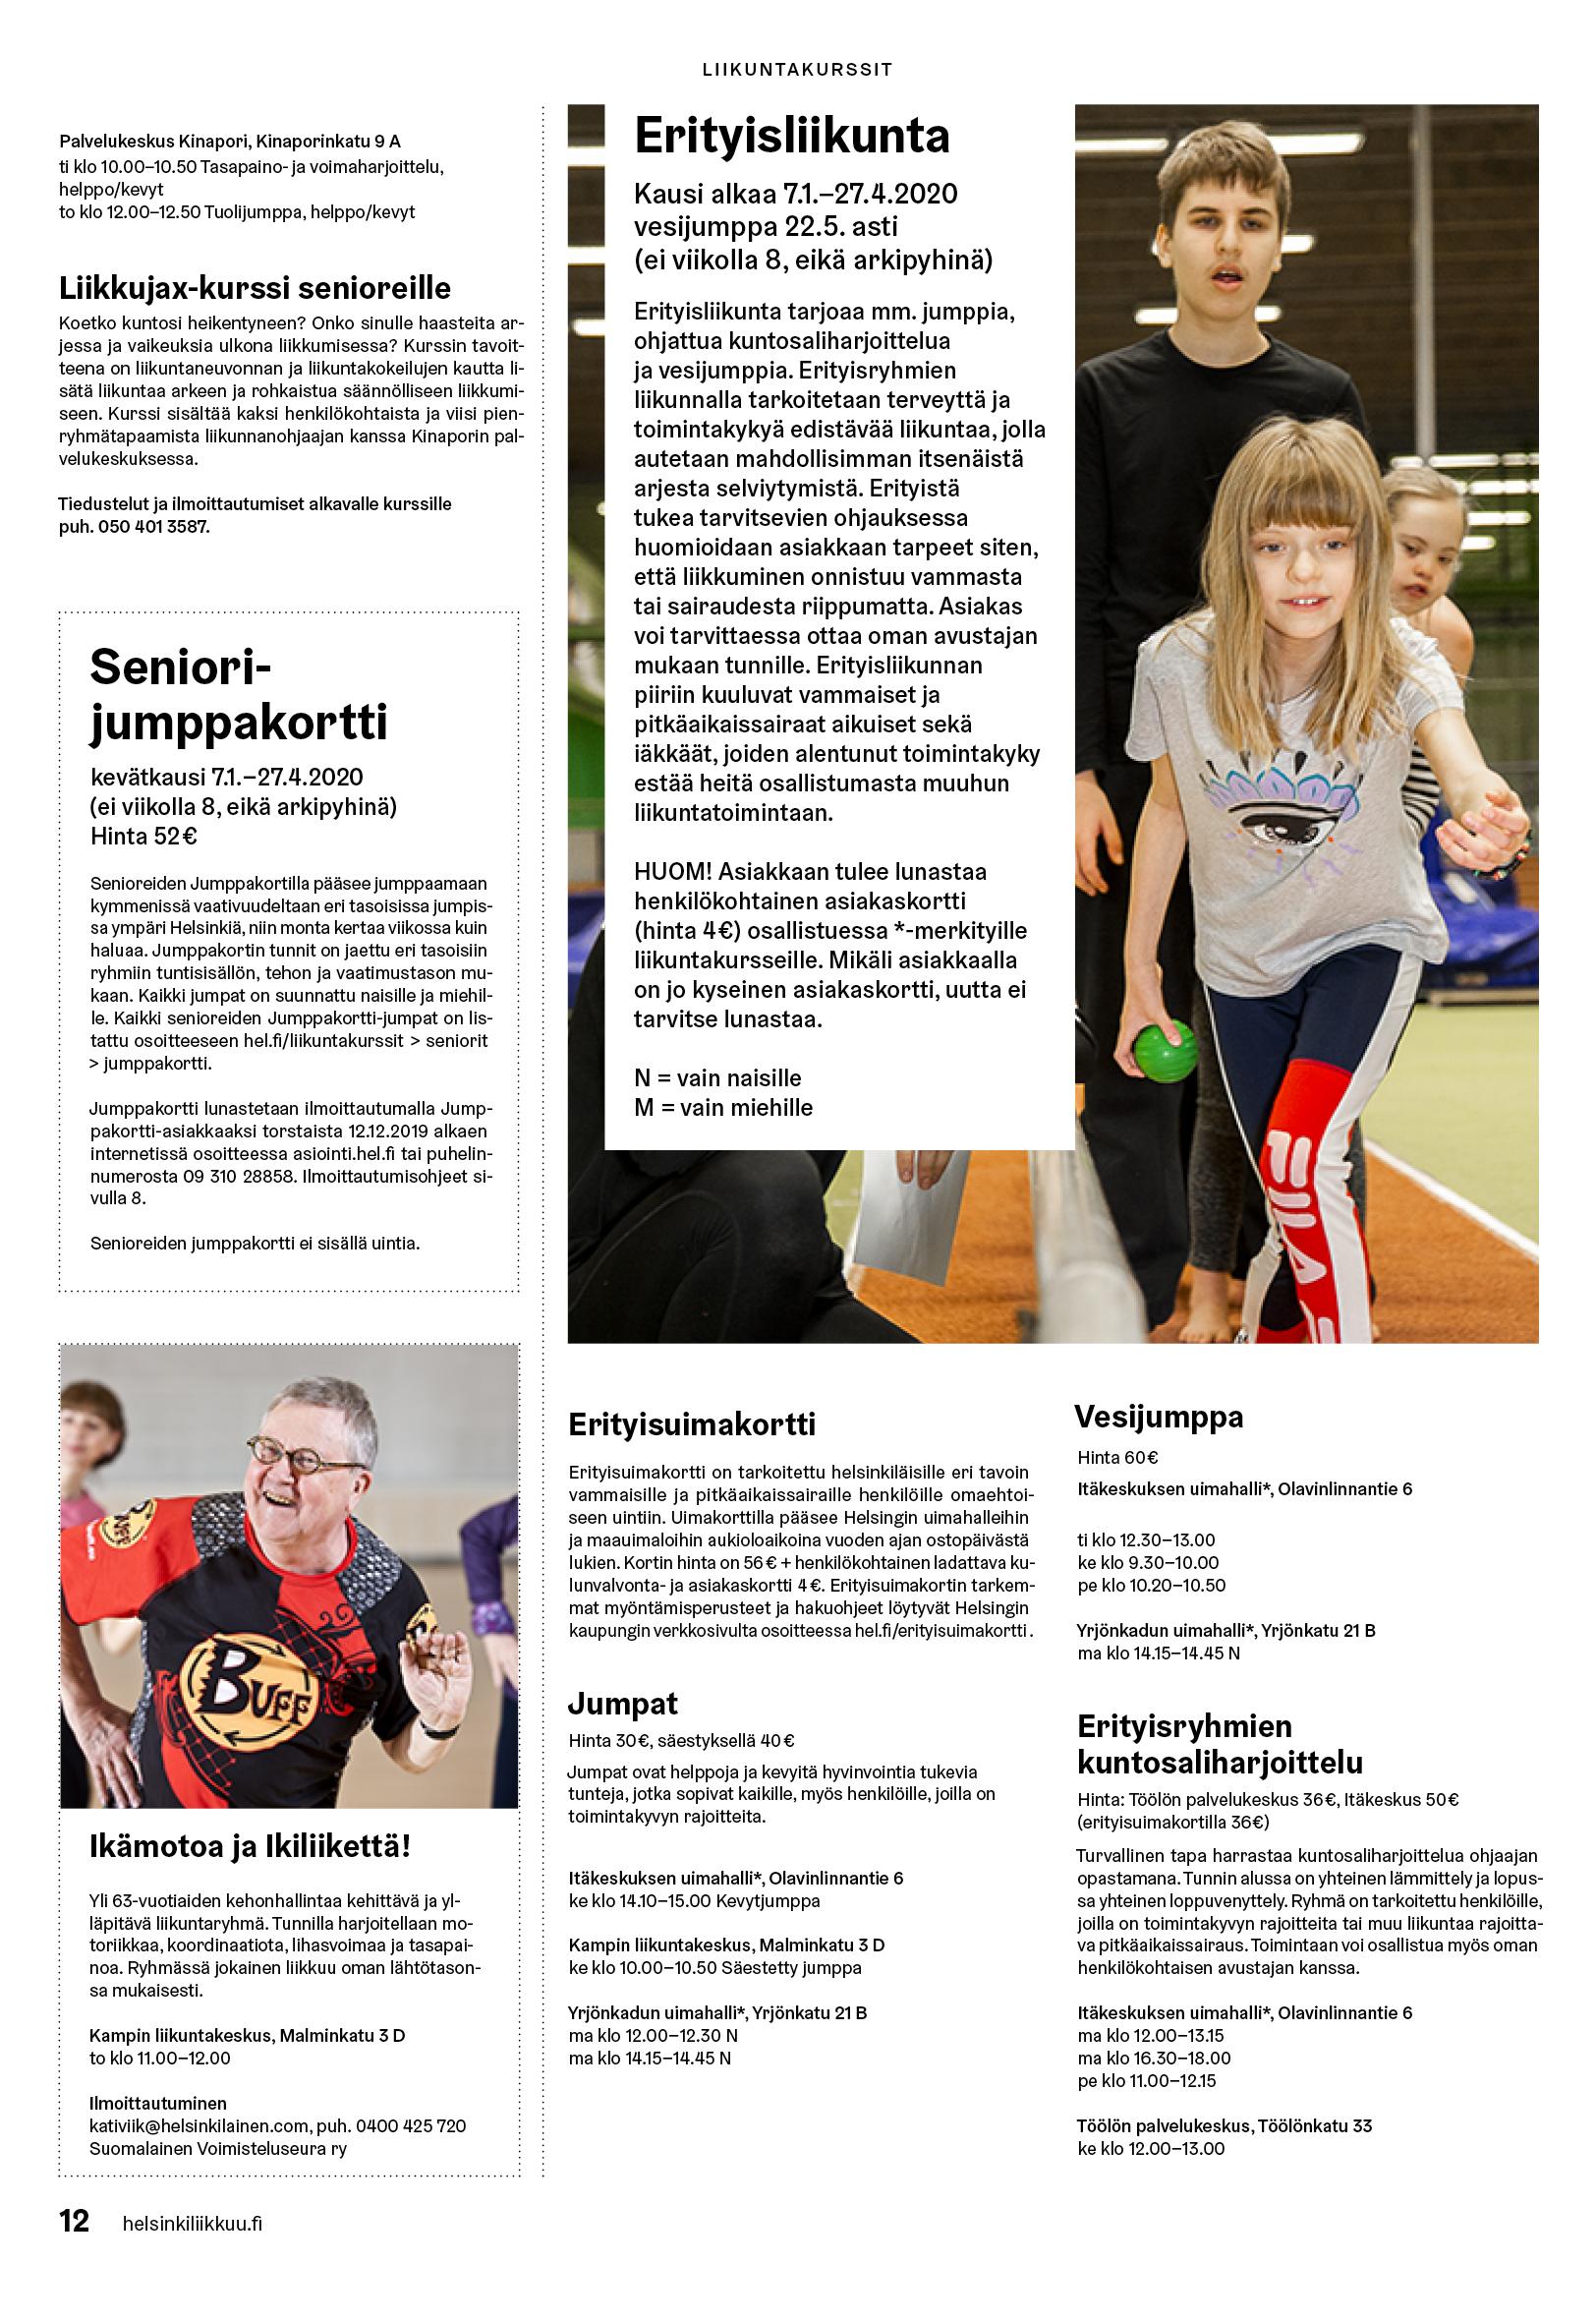 Helsingin_Uutiset_liikuntapalveluiden_kevatesite_2020_netti_sivuittain_150ppi12